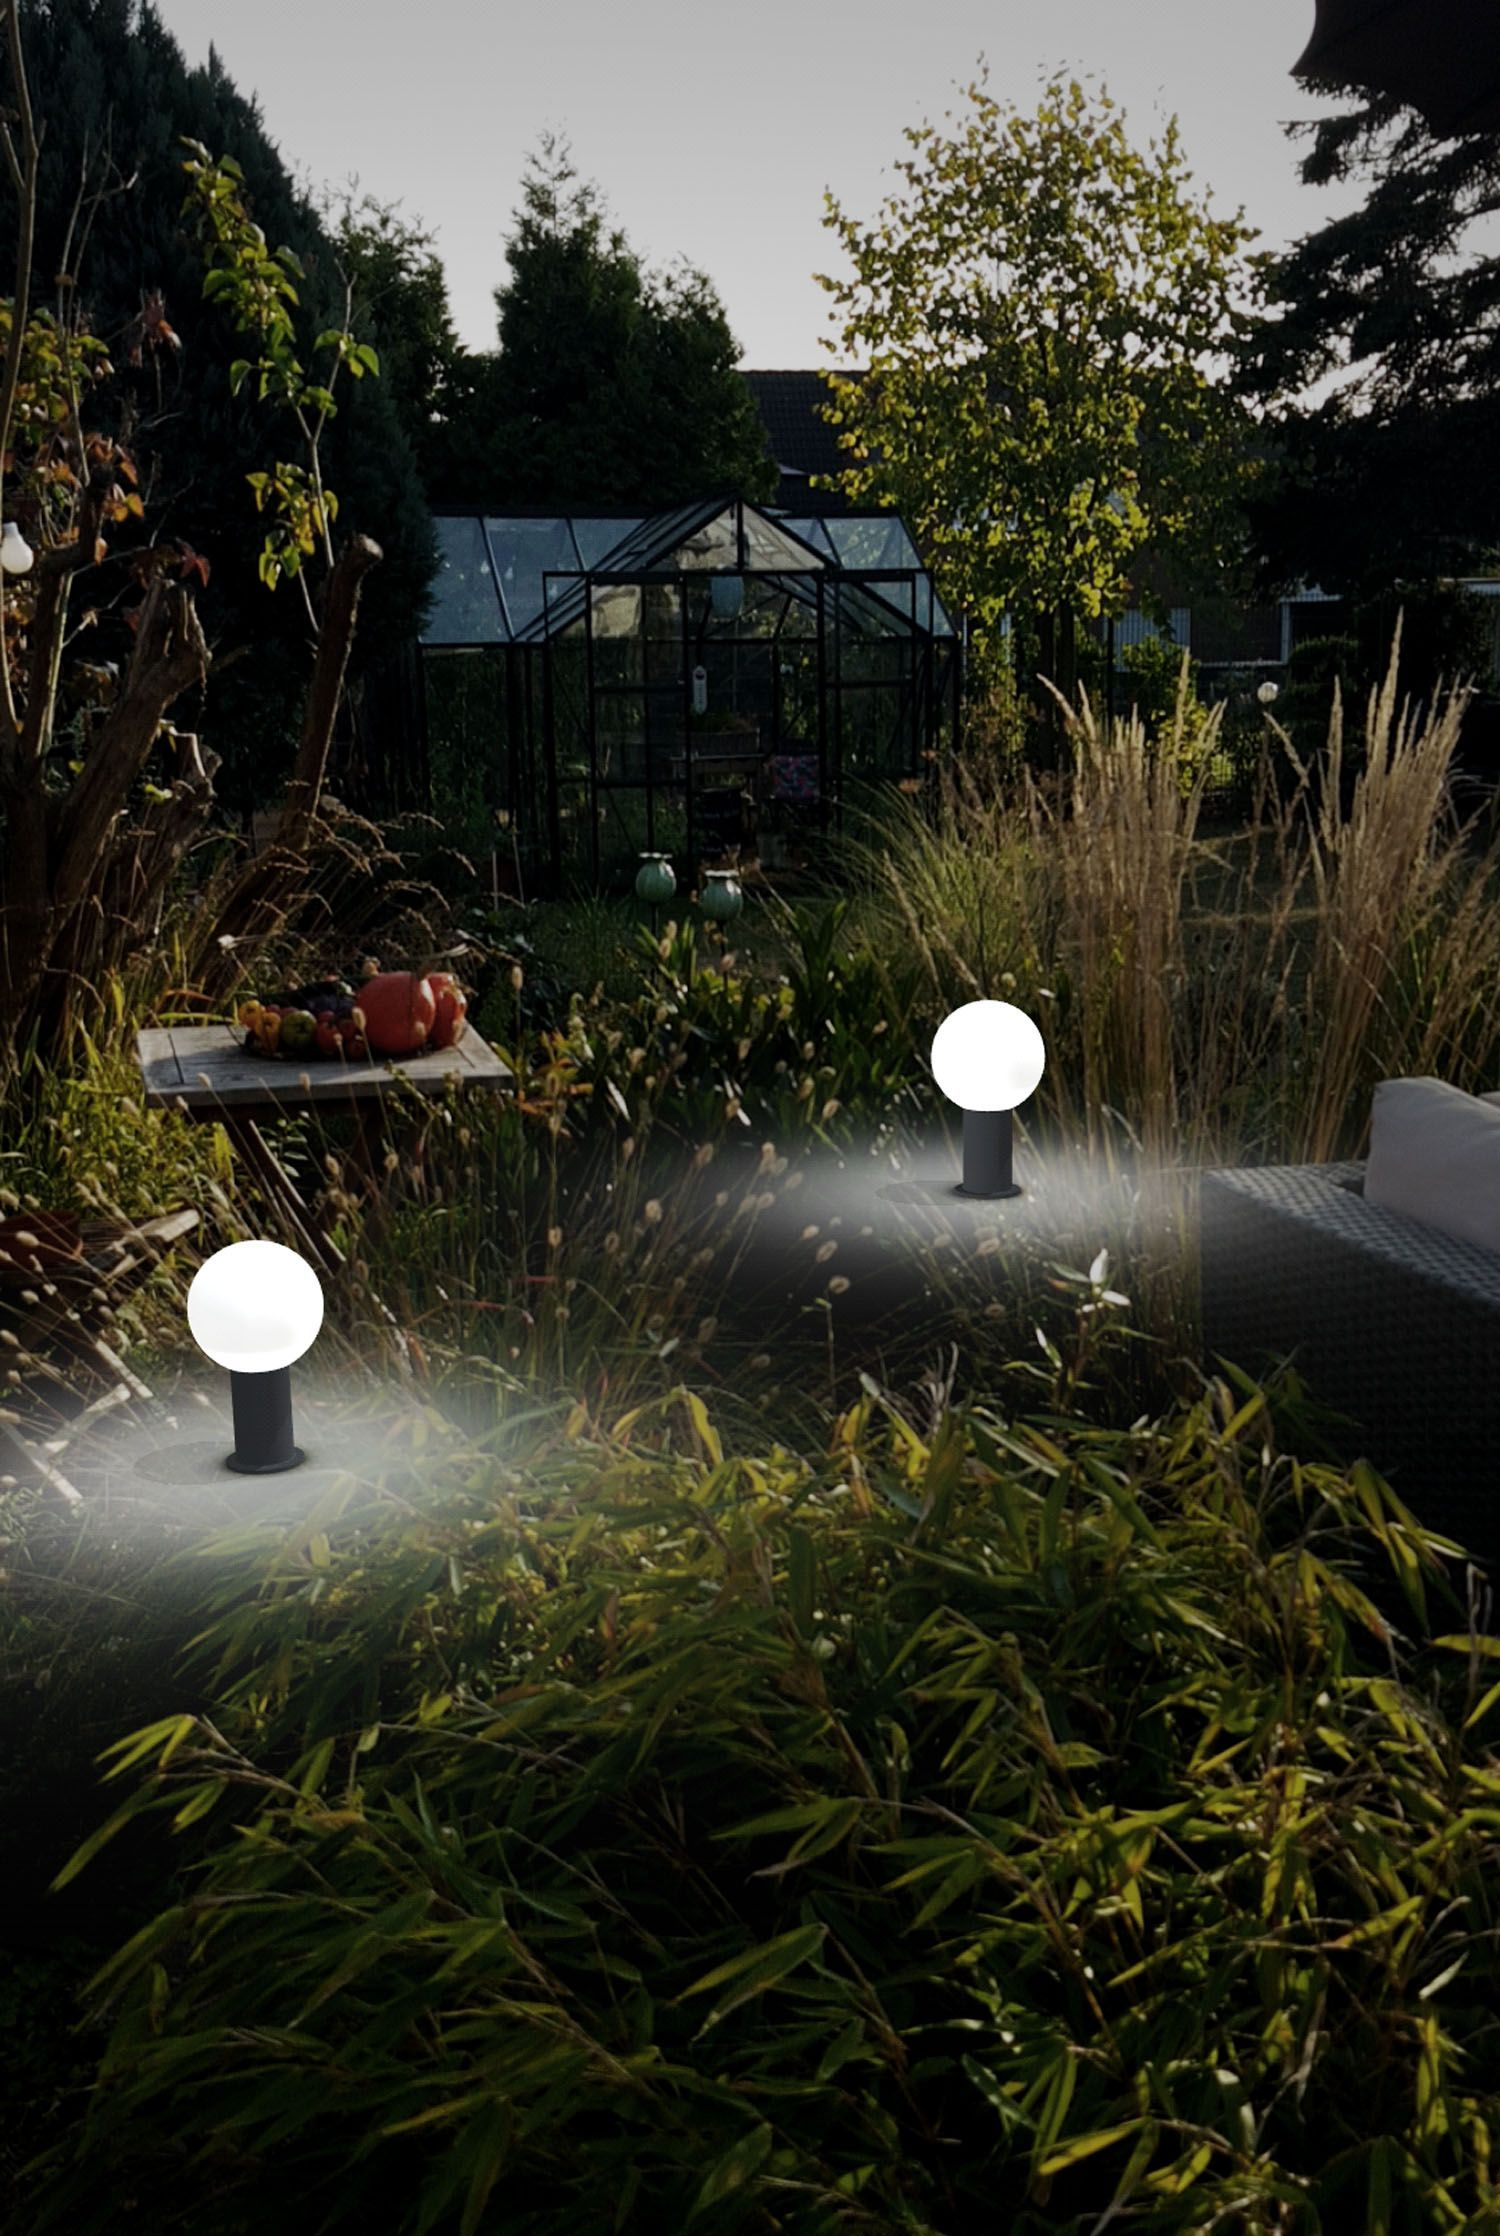 Lichtplanung Im Garten Mit Der App Bega Ar Gruneliebe In 2020 Garten Lichtplanung Licht